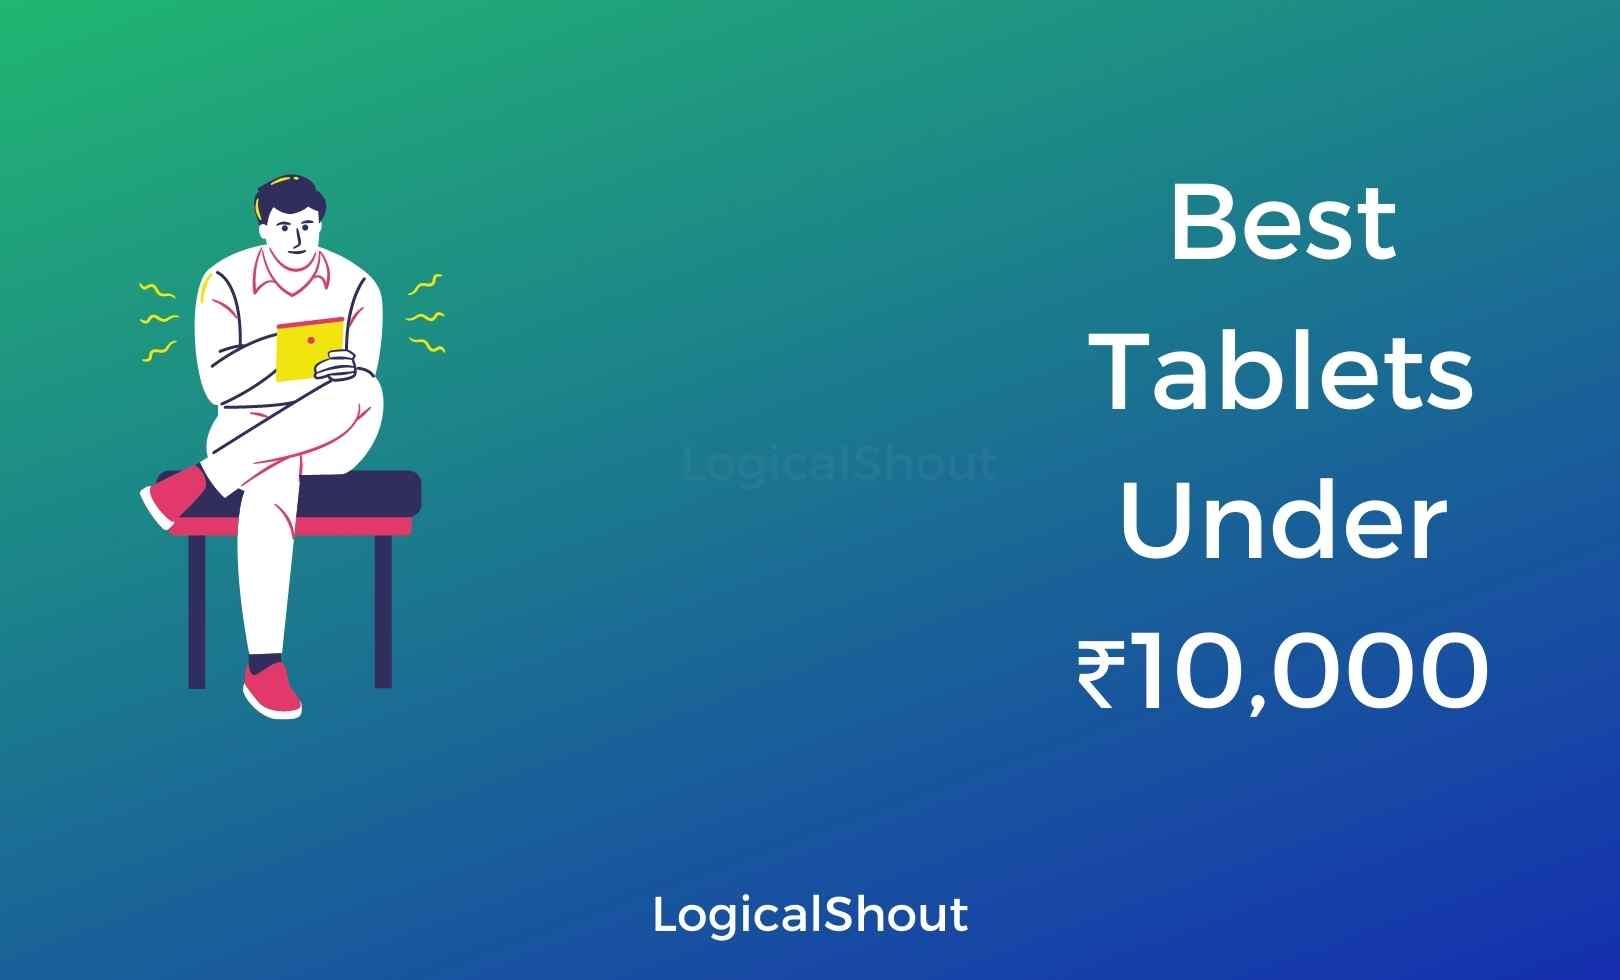 Best Tablets Under 10000 (LogicalShout))